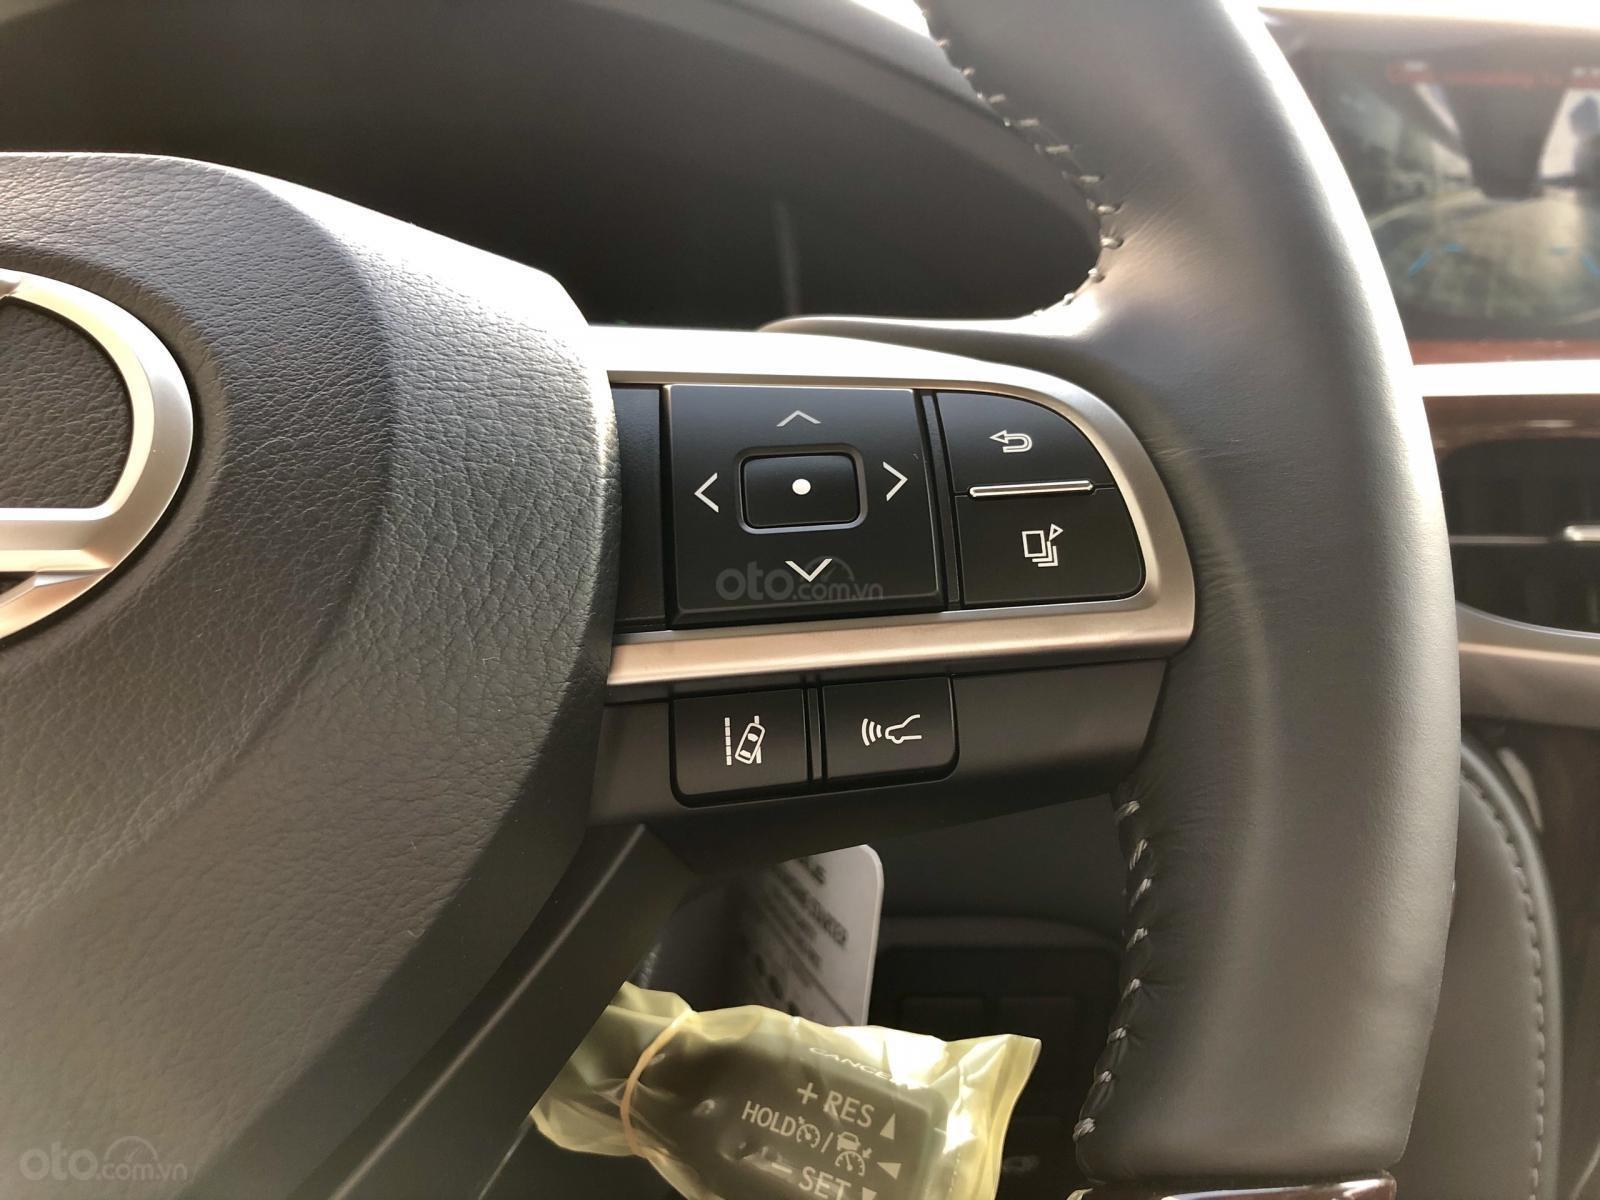 Bán Lexus LX 570S Super Sport model 2020, xe mới giao ngay toàn quốc, giá tốt LH: 093.996.2368 Ms Ngọc Vy (15)